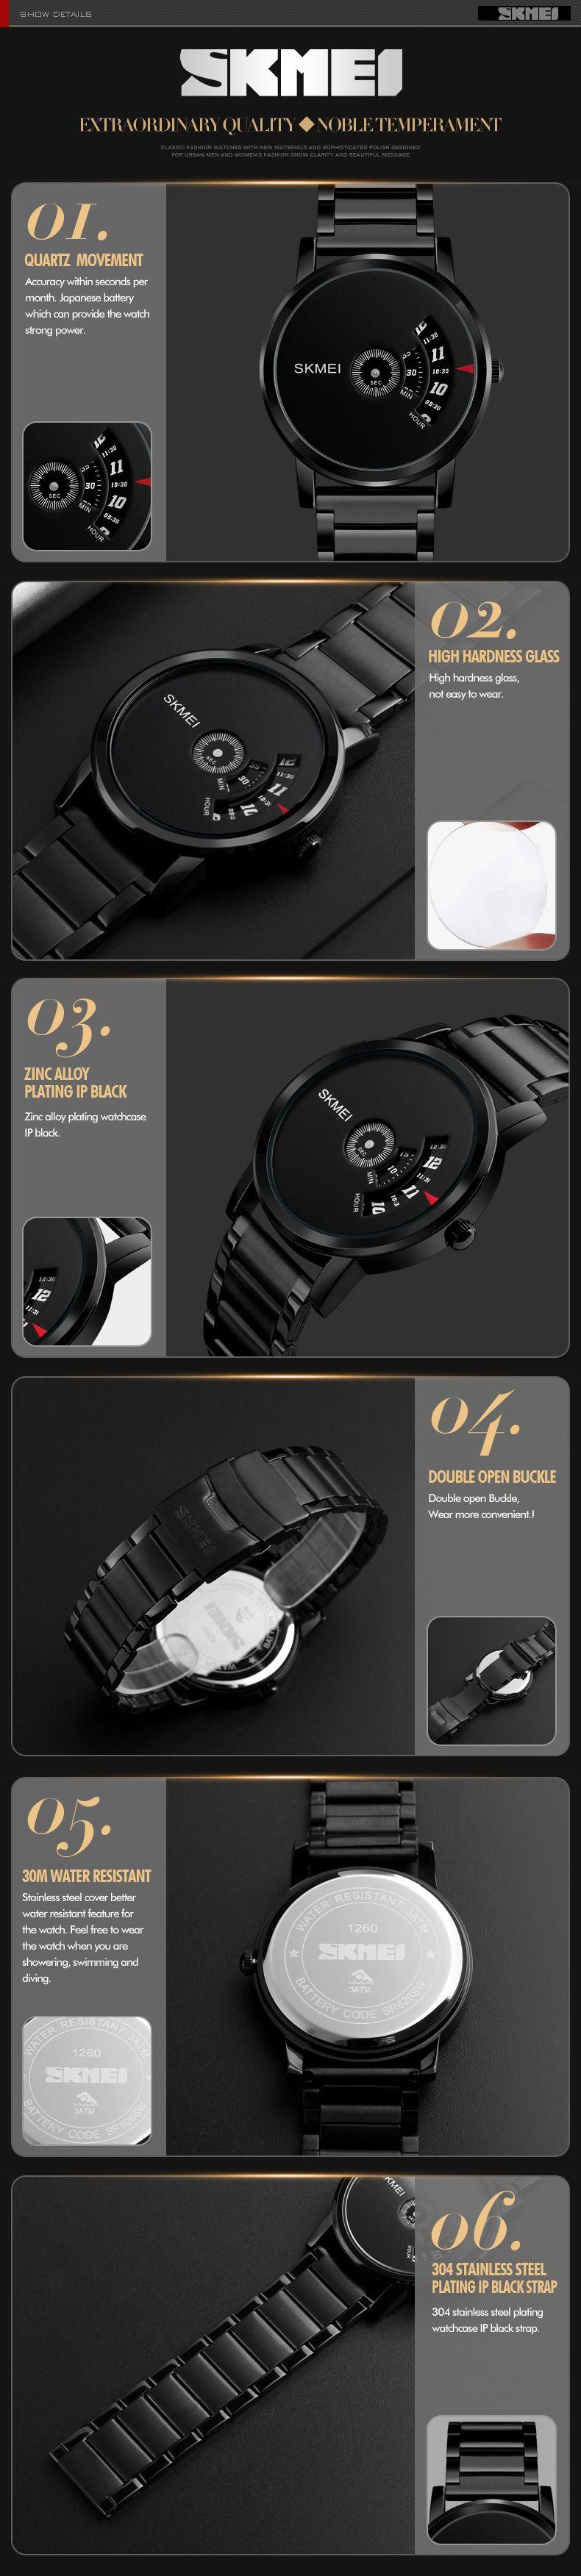 Skmei 1260 Metal Wrist Watch For Men (2)